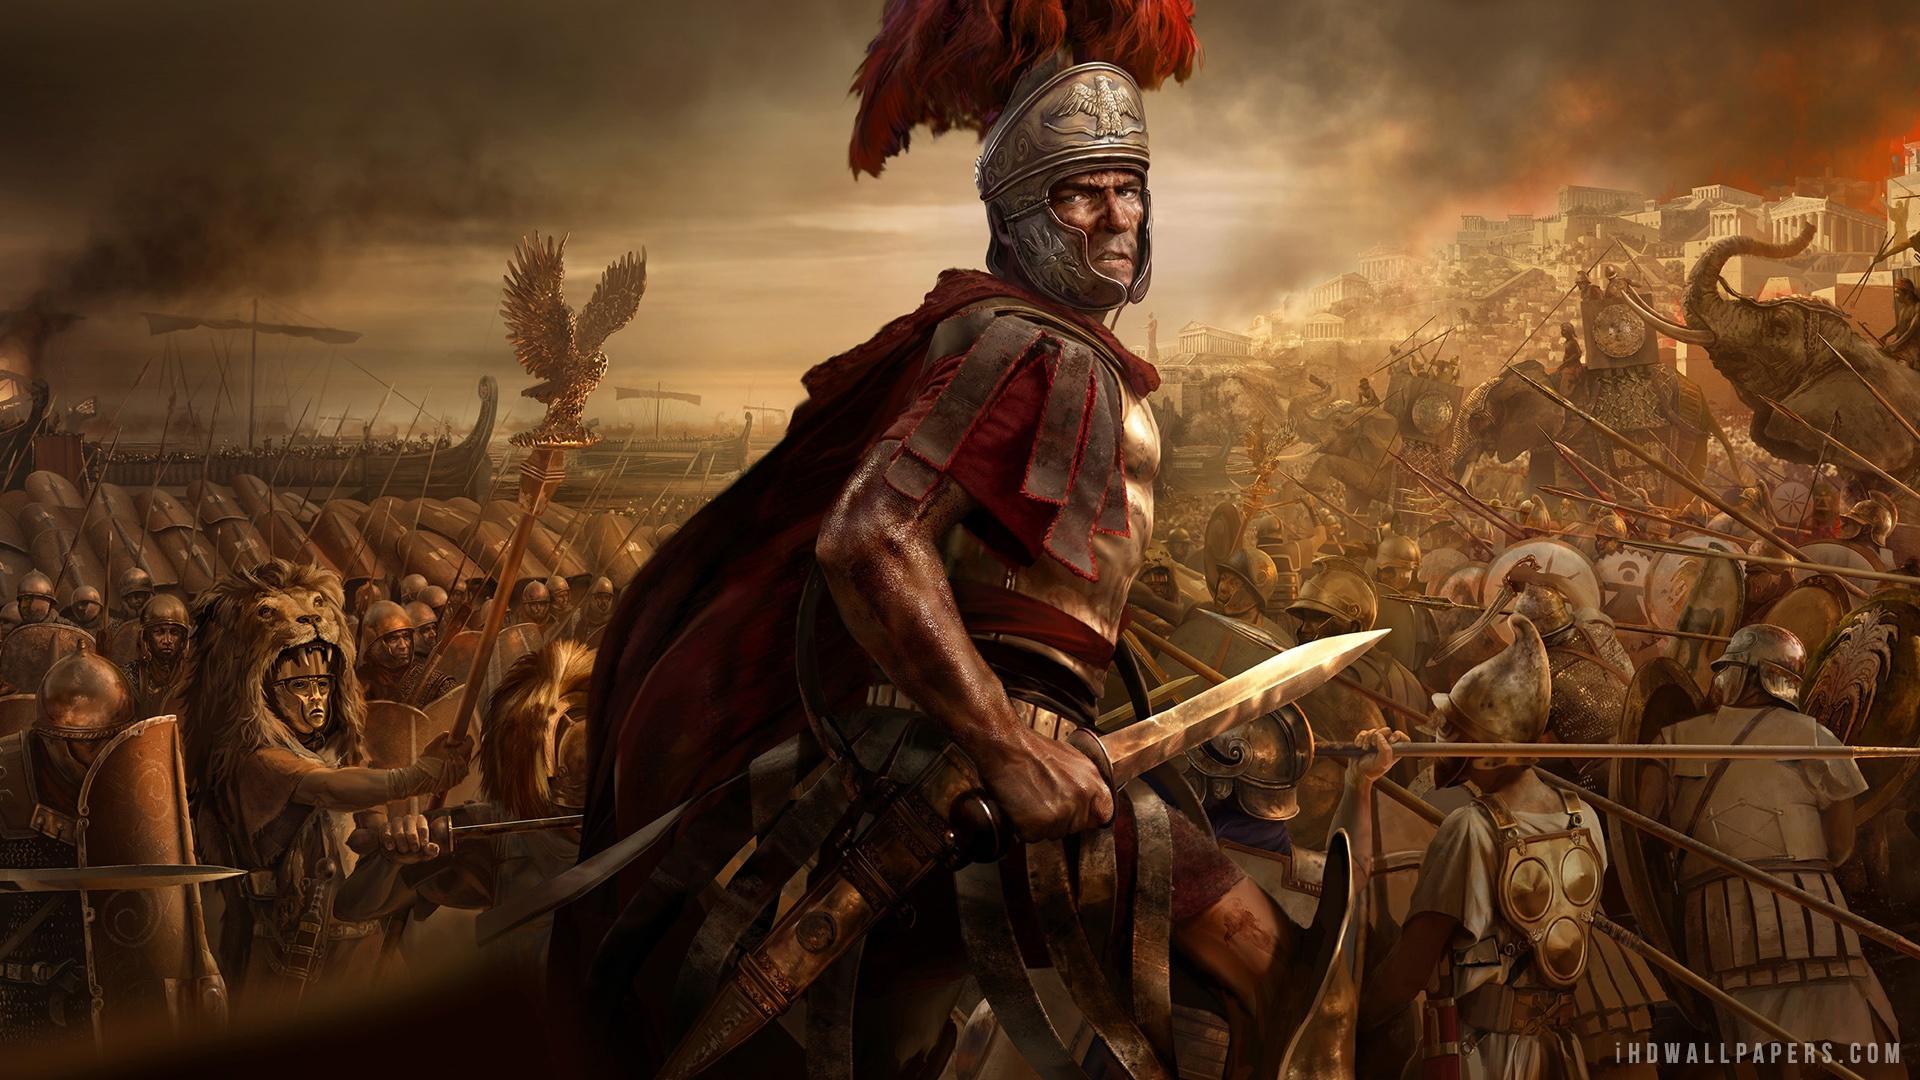 Total War Rome 2 HD Wallpaper   iHD Wallpapers 1920x1080